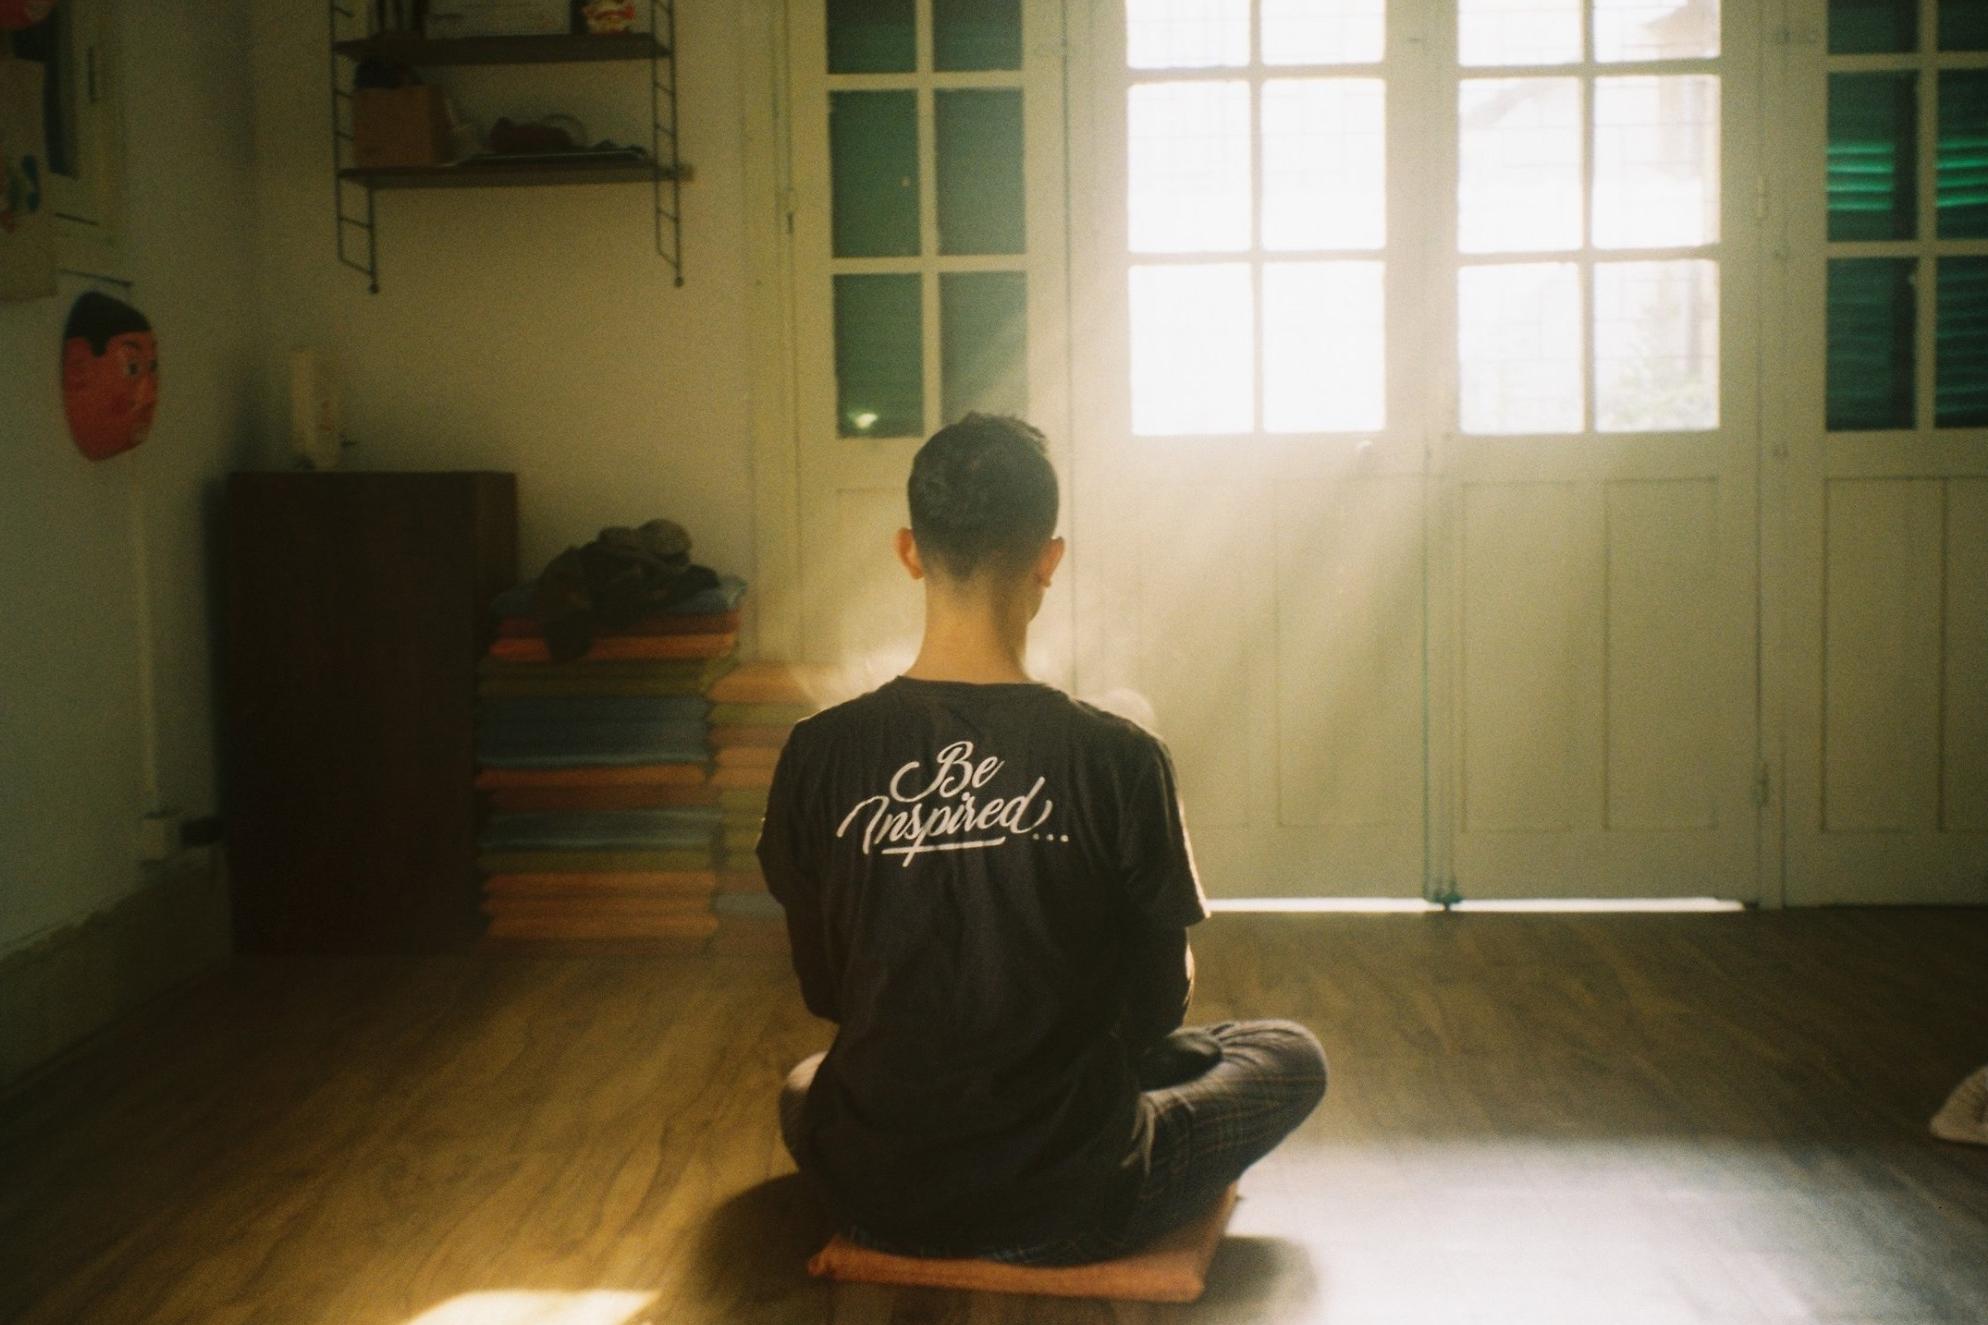 Thiền là hoạt động được nhiều bạn trẻ tìm đến trong những năm gần đây. Ảnh: Justin Nguyen.